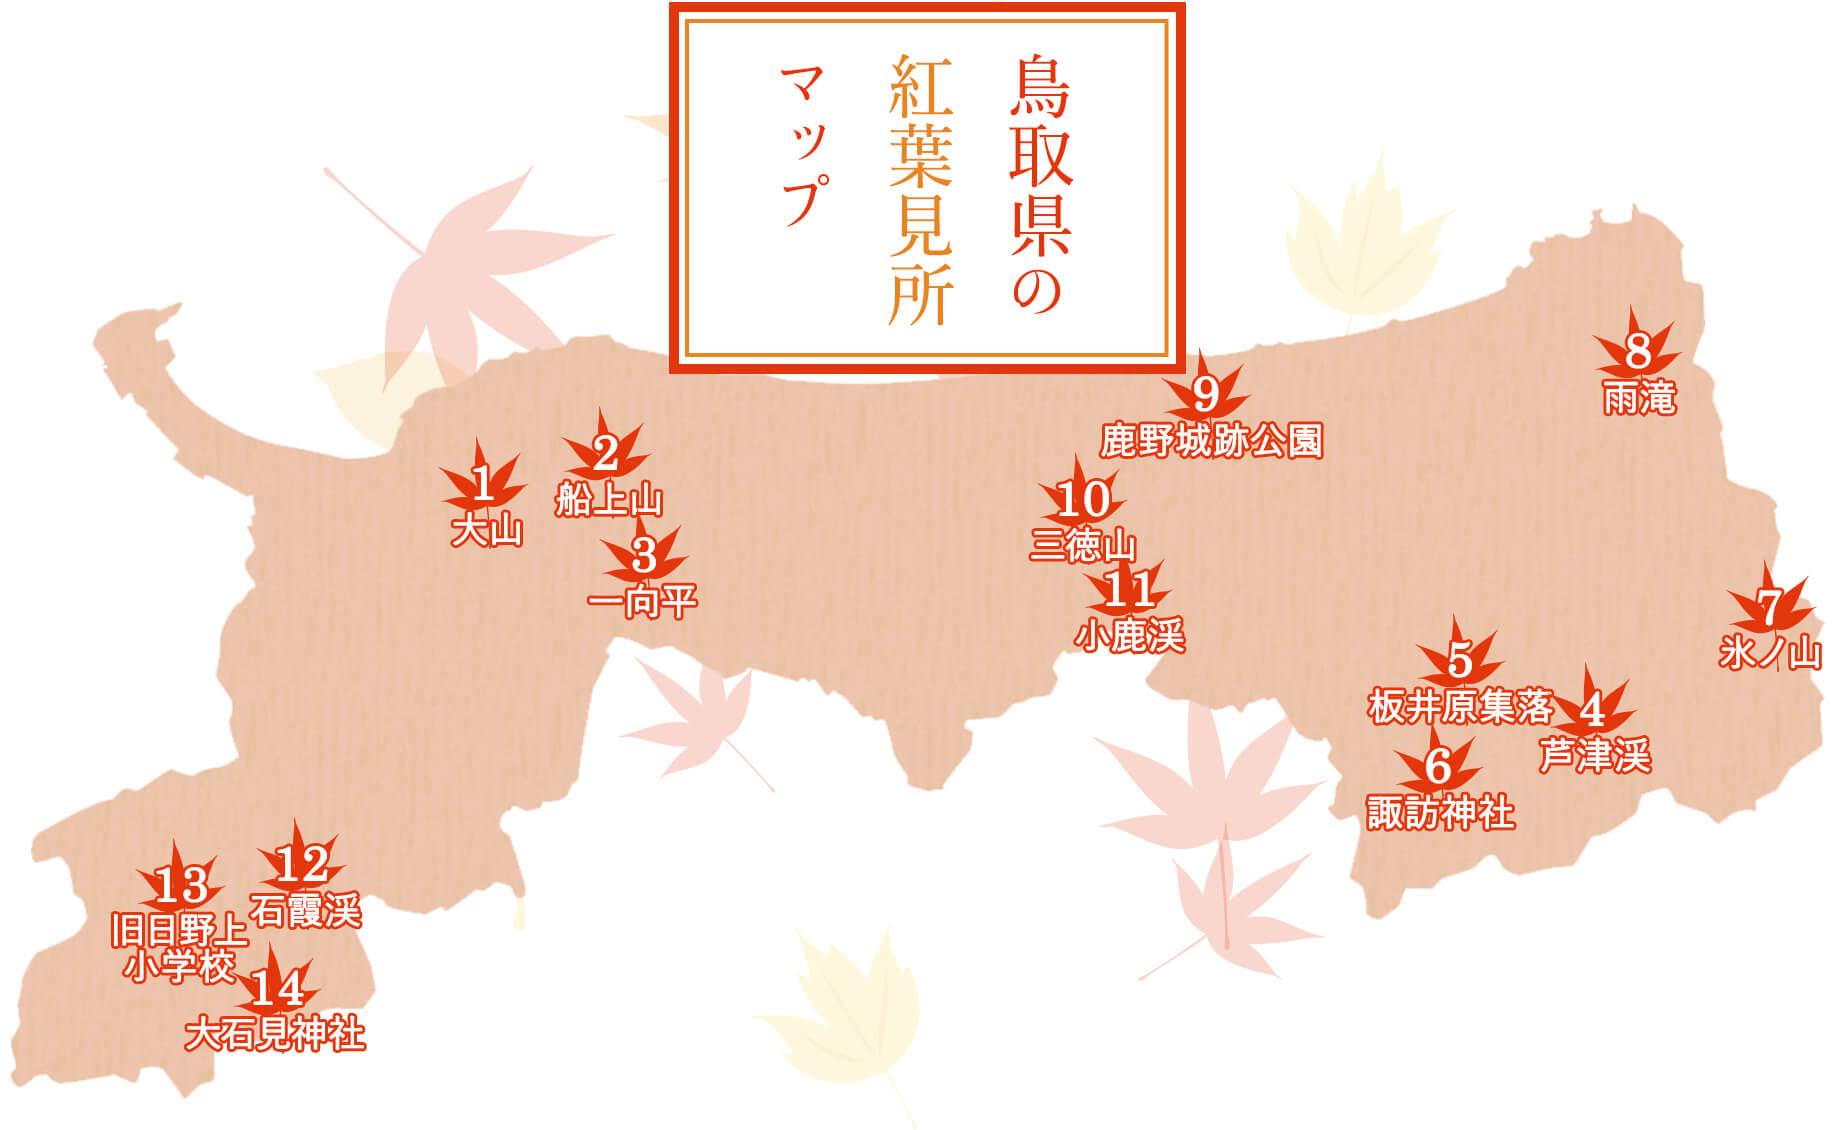 鳥取県の紅葉見所マップ